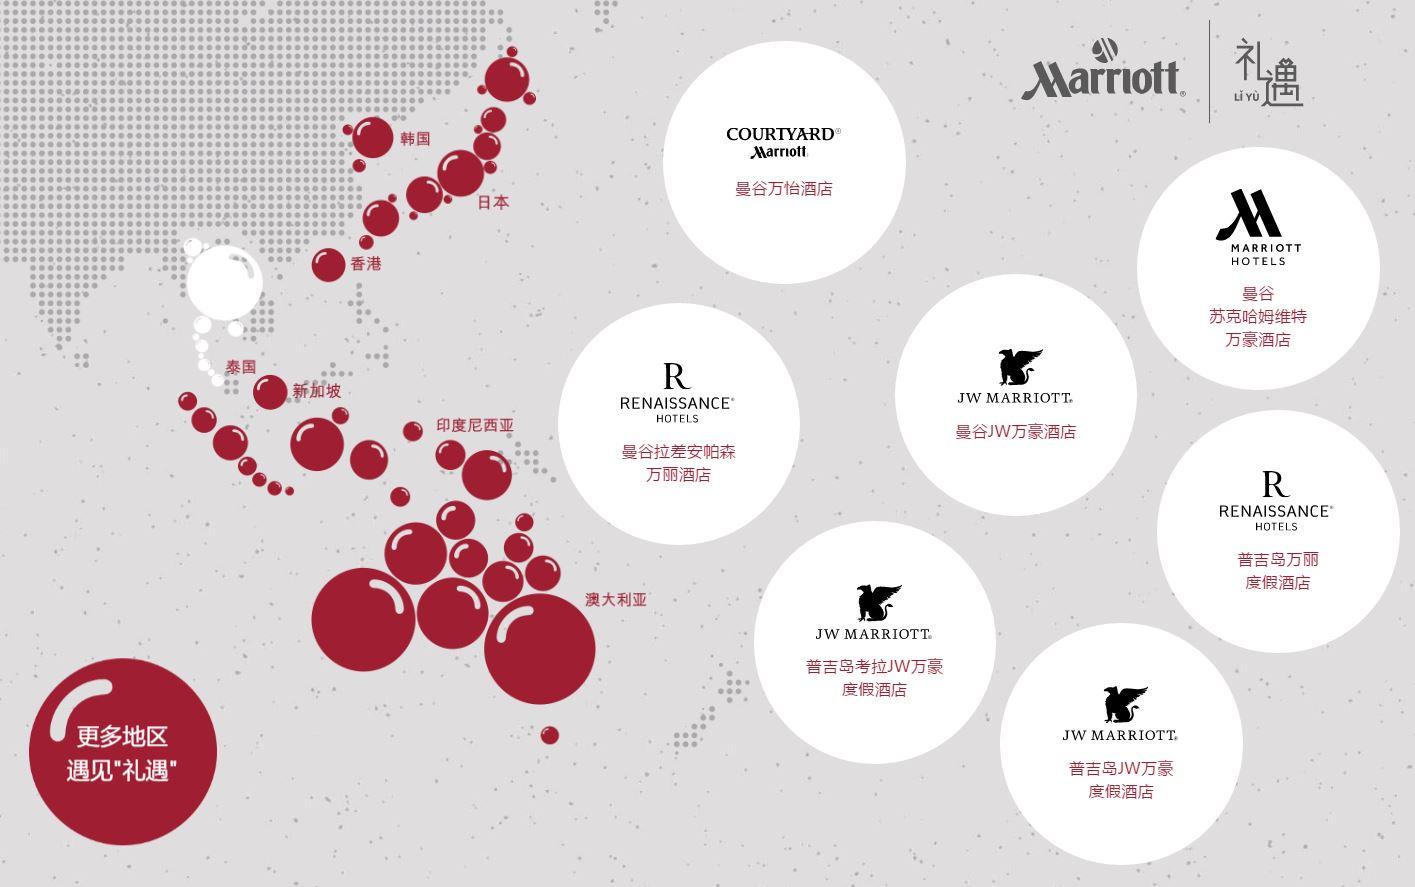 โรงแรมในไทยที่เข้าร่วมโครงการ Marriott Liyu